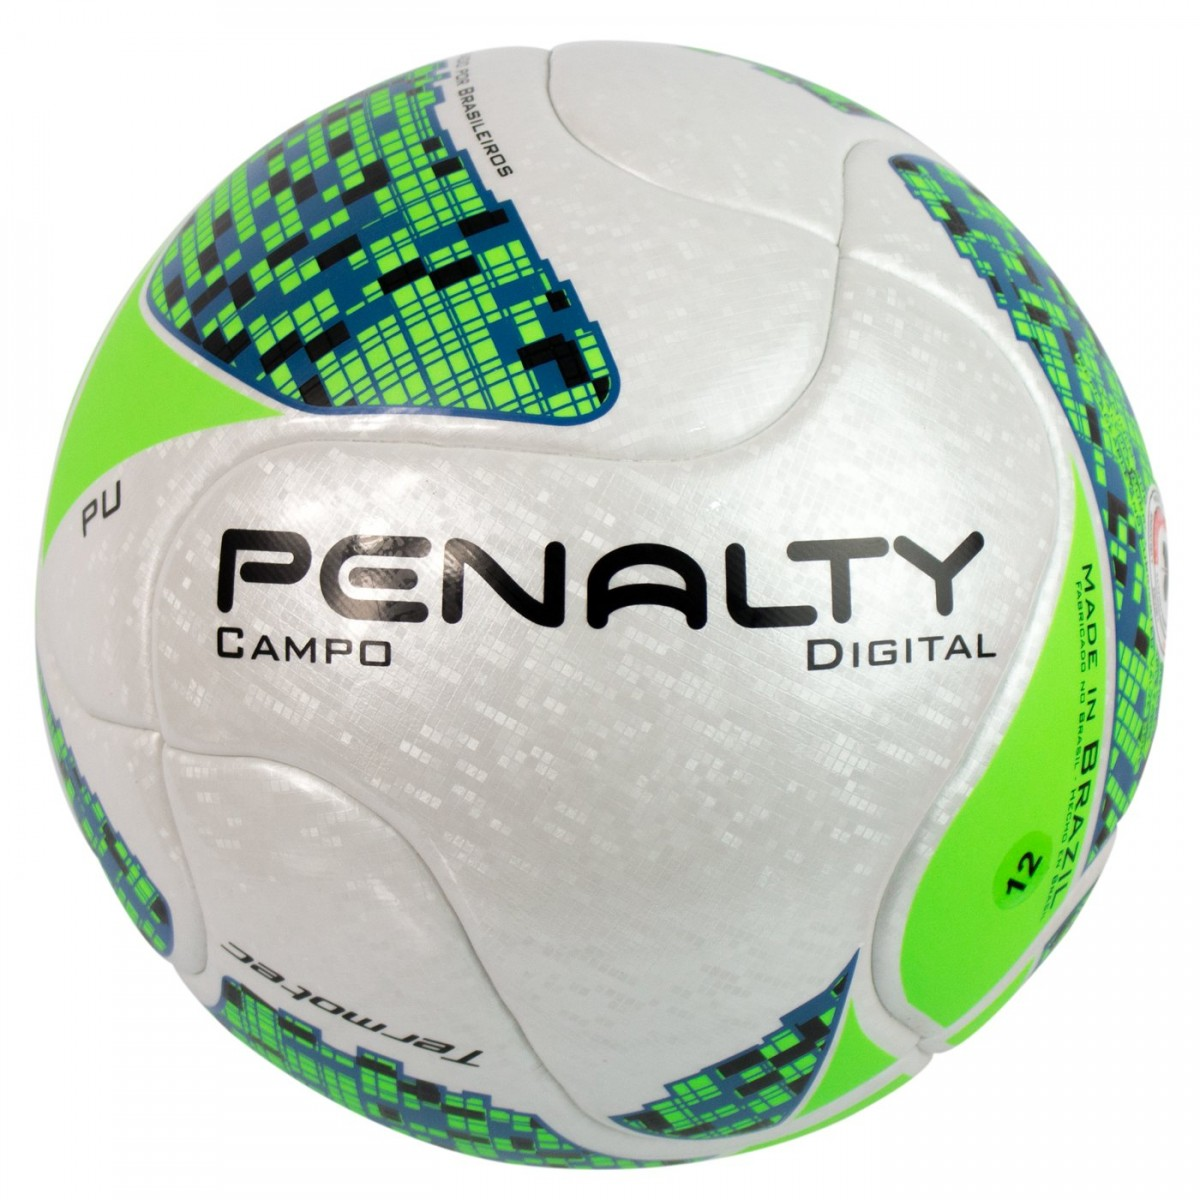 6126e967347b4 Bizz Store - Bola Futebol de Campo Penalty Digital Termotec